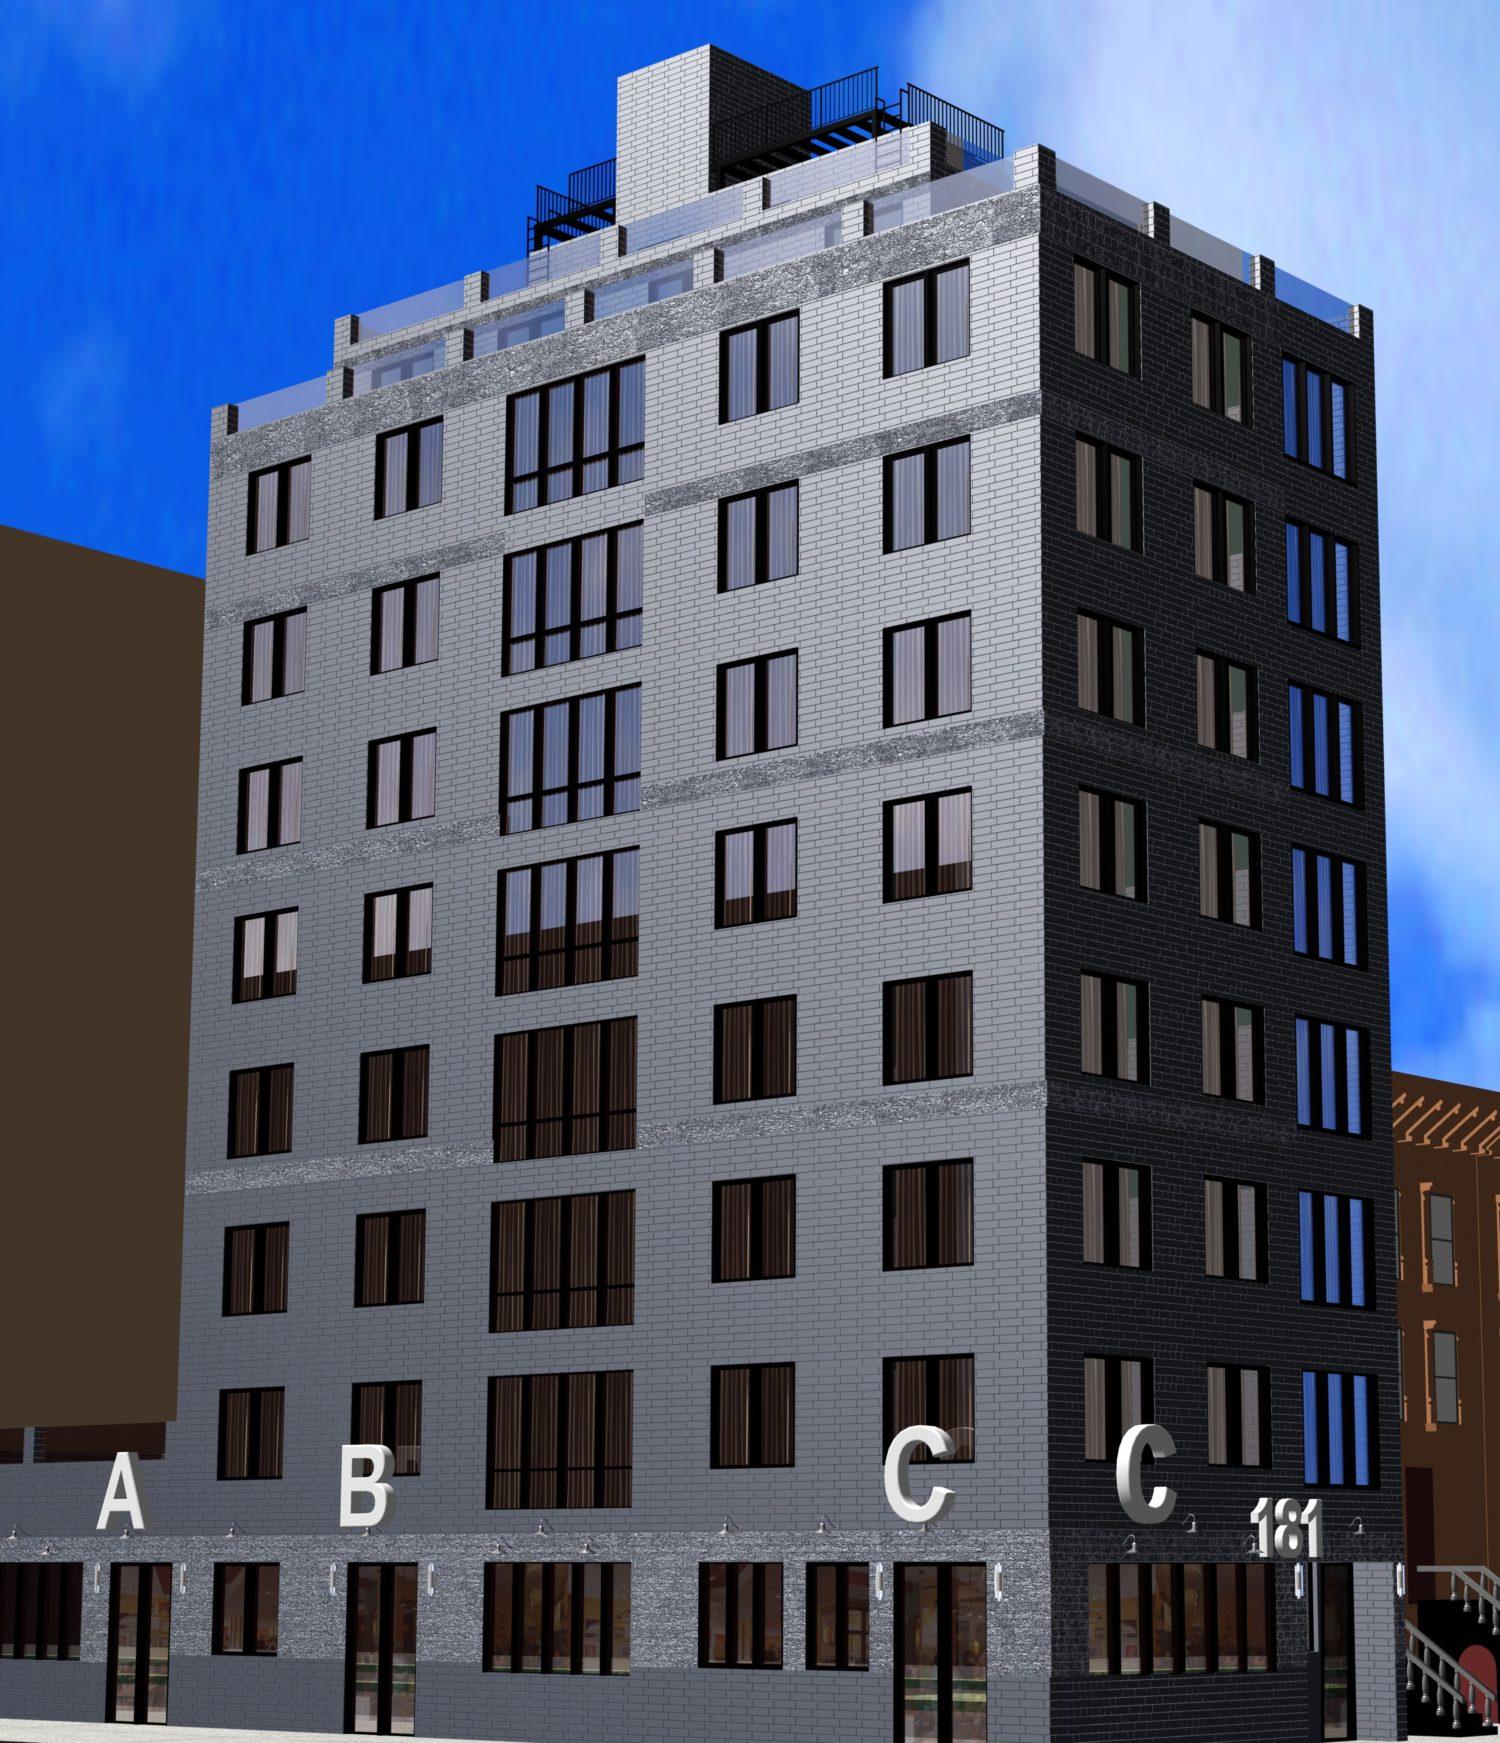 2121 7th Avenue, New York, NY 10036